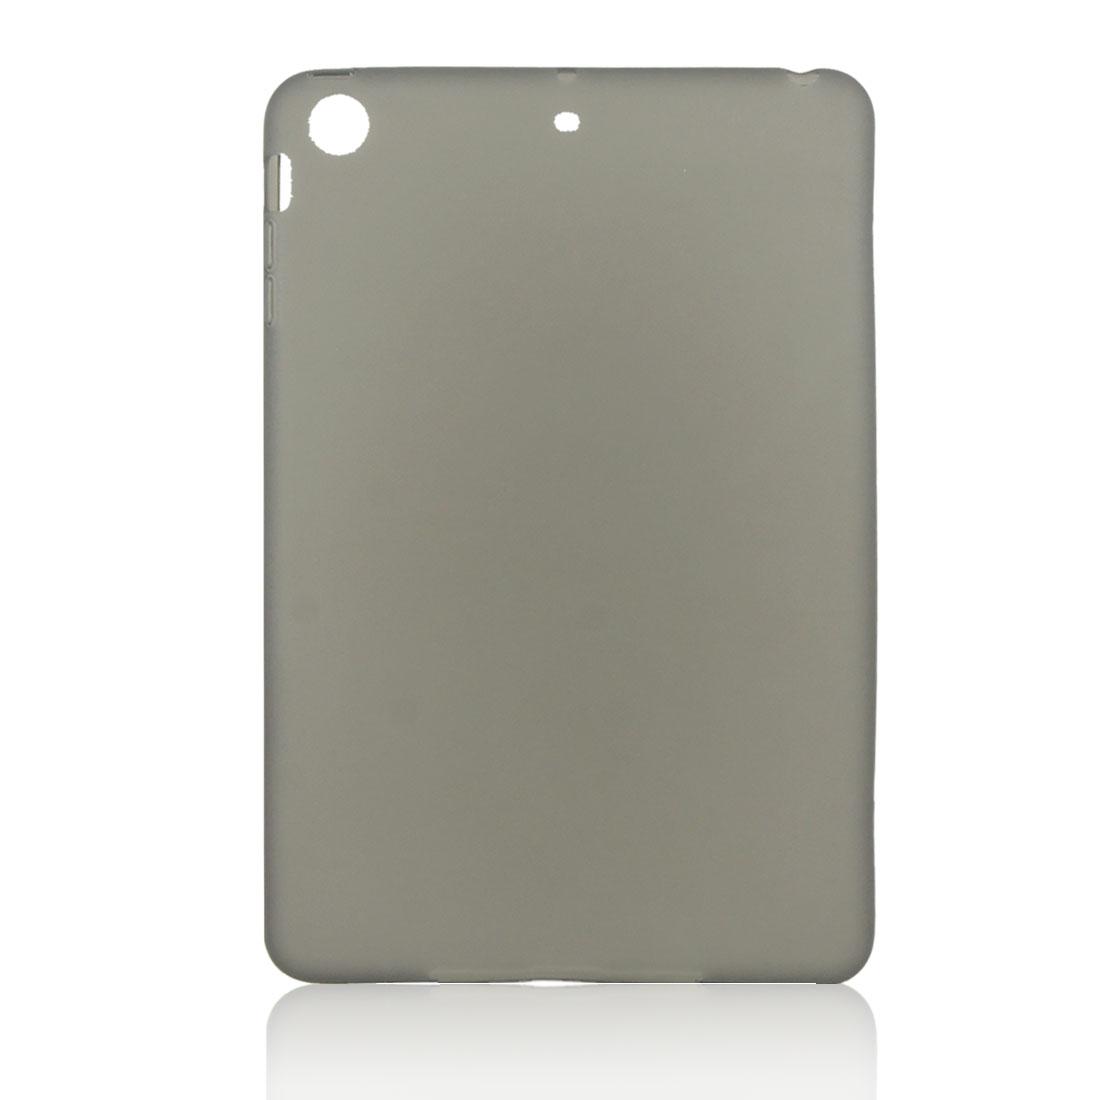 Dark Gray Soft Plastic Case Cover Protector for Apple iPad Mini